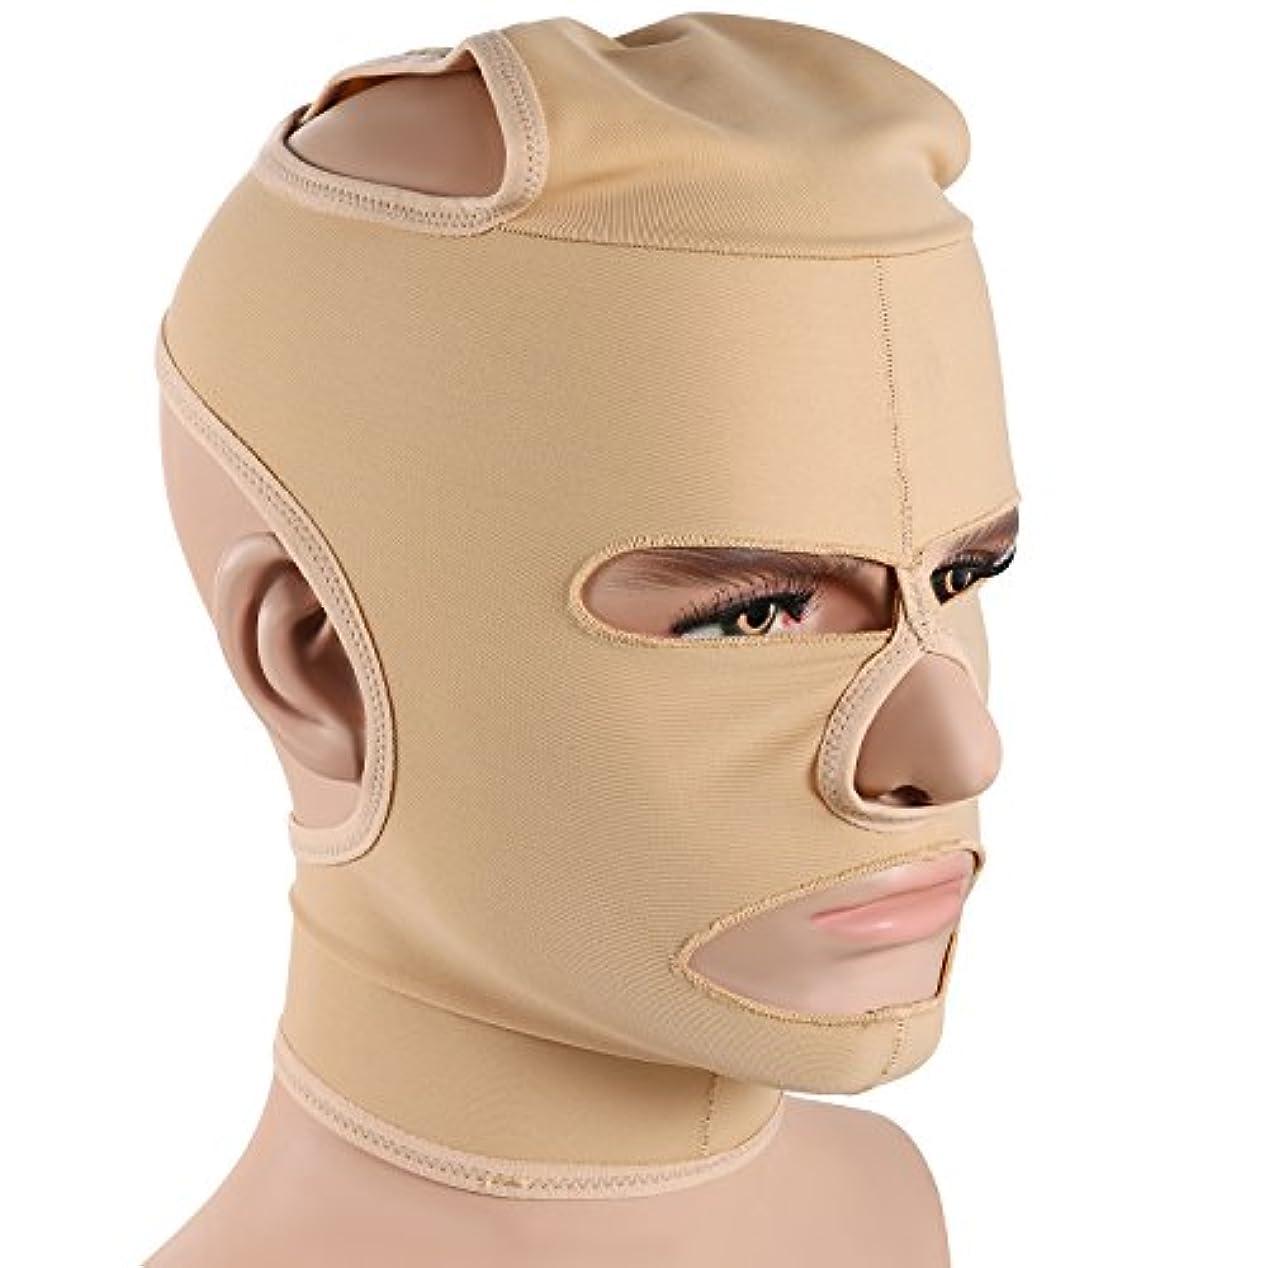 見つけるアブセイコミットJewelryWe 小顔補正マスク 小顔ベルト 法令線予防 シワ防止 美顔 額、顎下、頬リフトアップ 男女兼用 Mサイズ